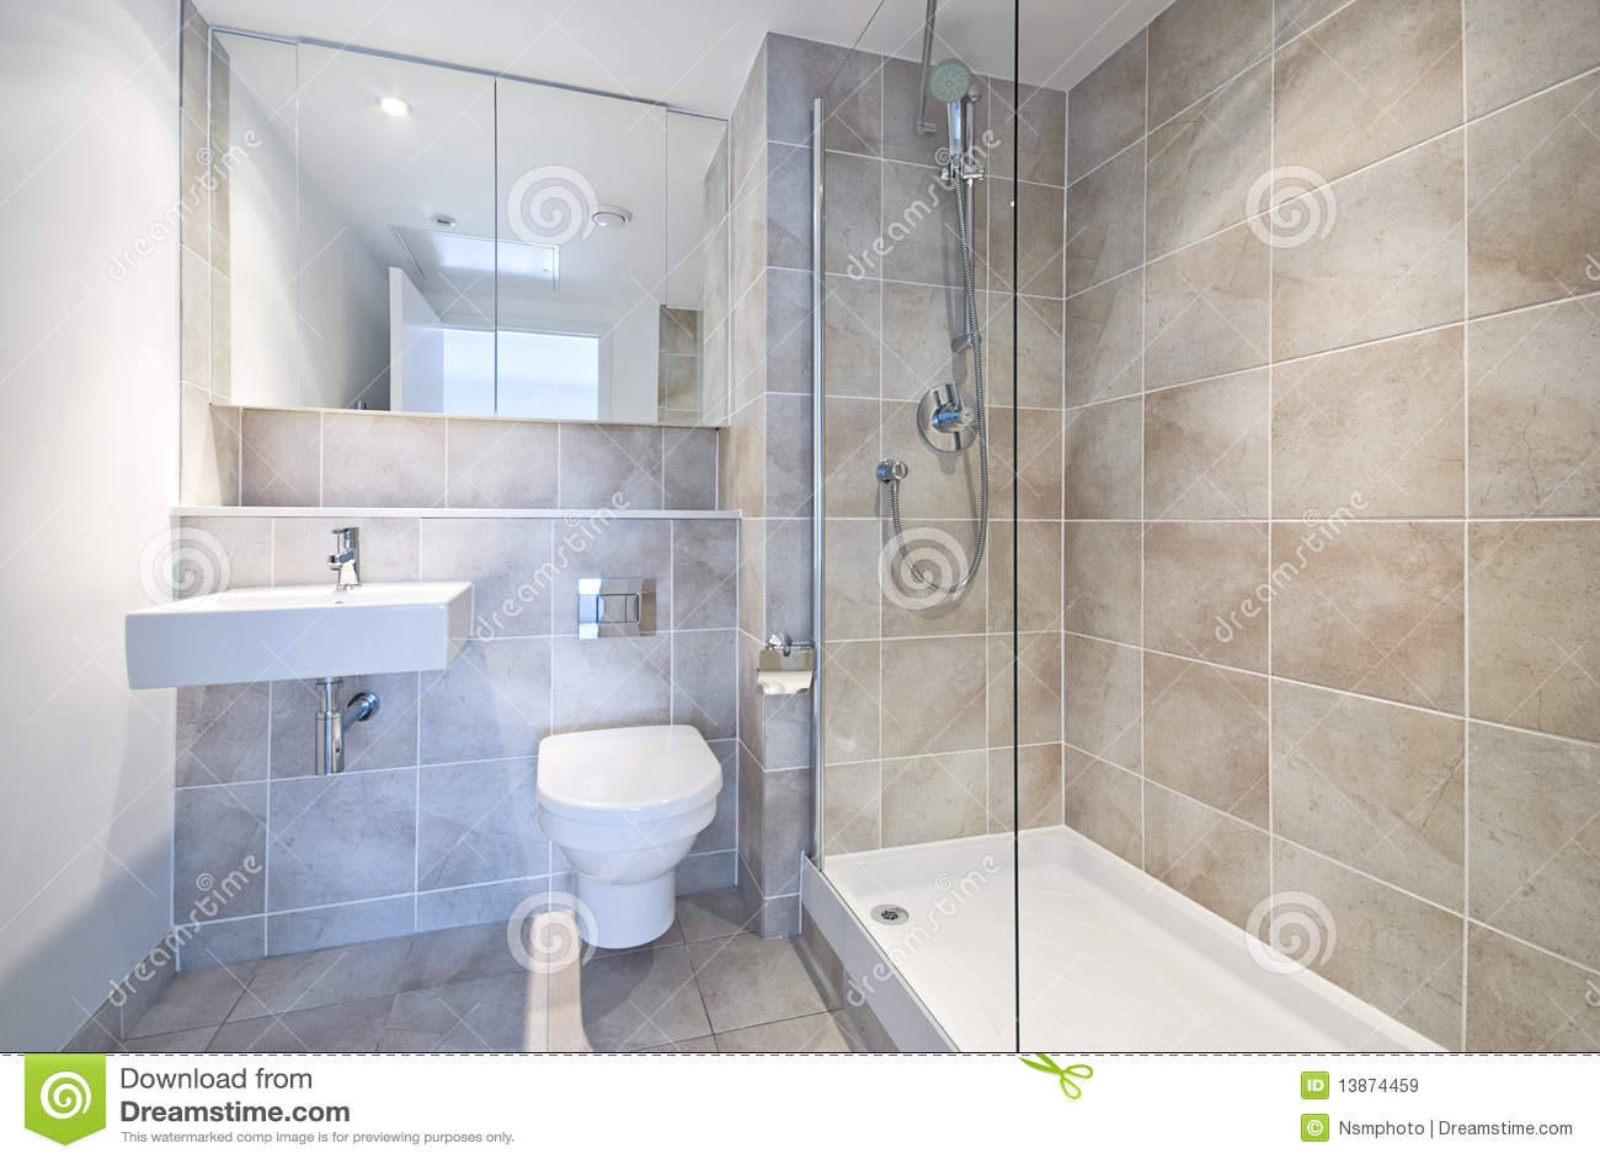 Cuarto de ba o moderno de la habitaci n del en con la for Banos con ducha grande